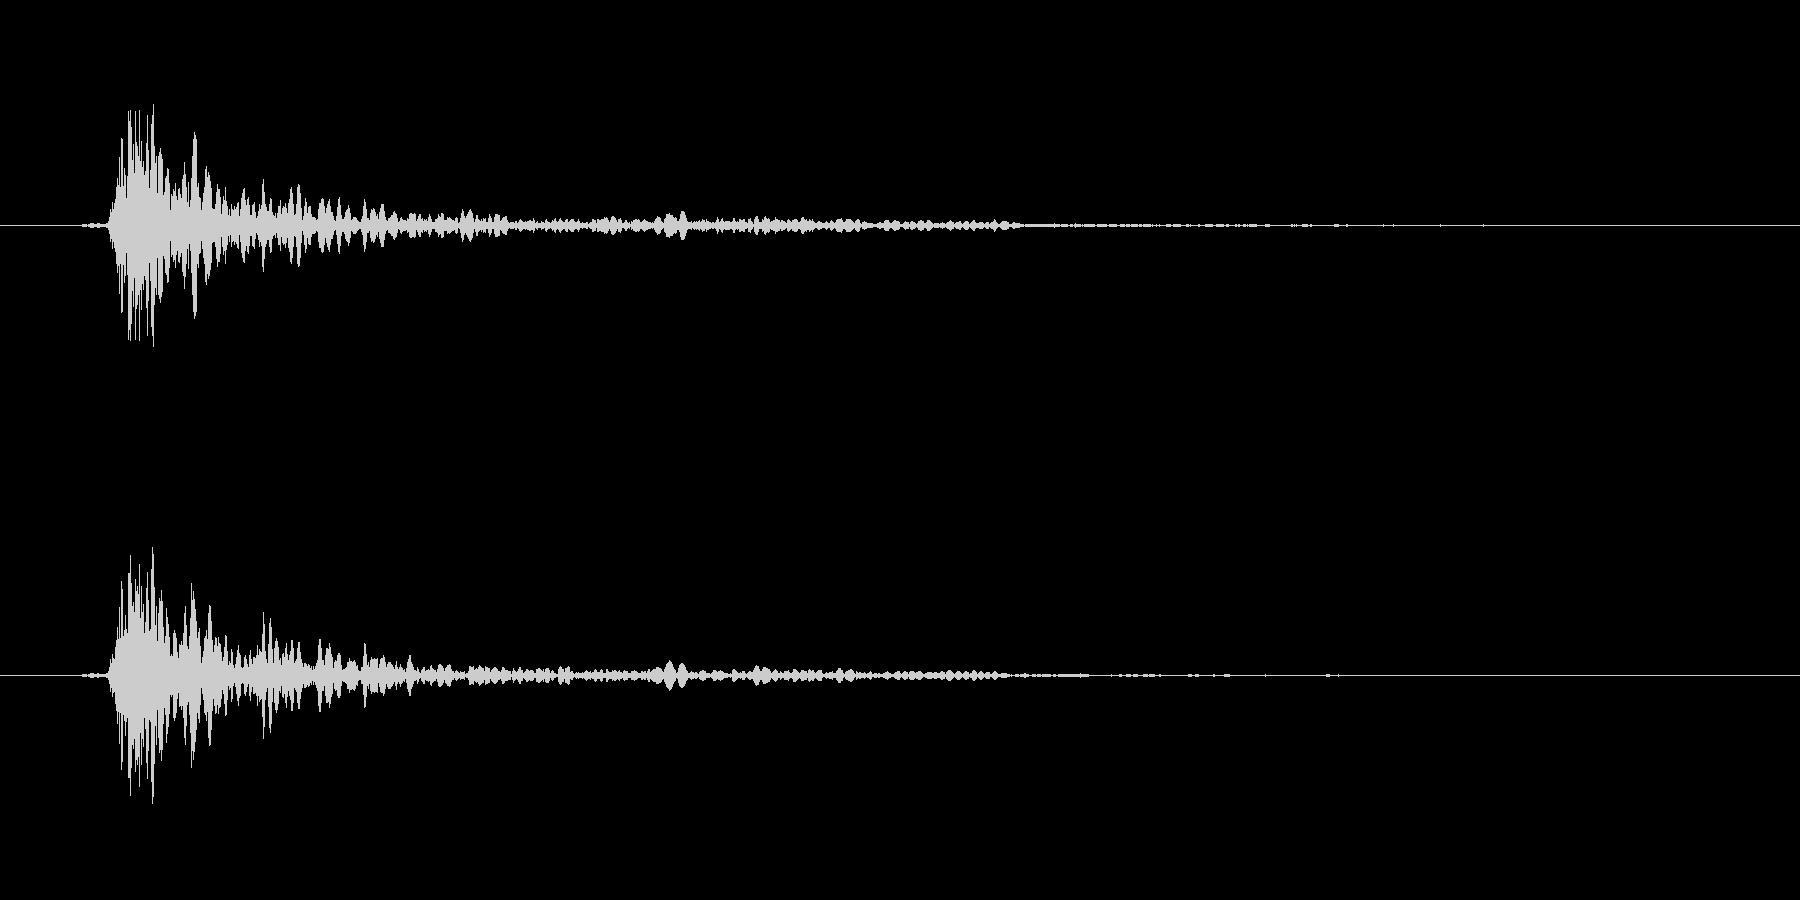 大砲の音バリエーション1の未再生の波形